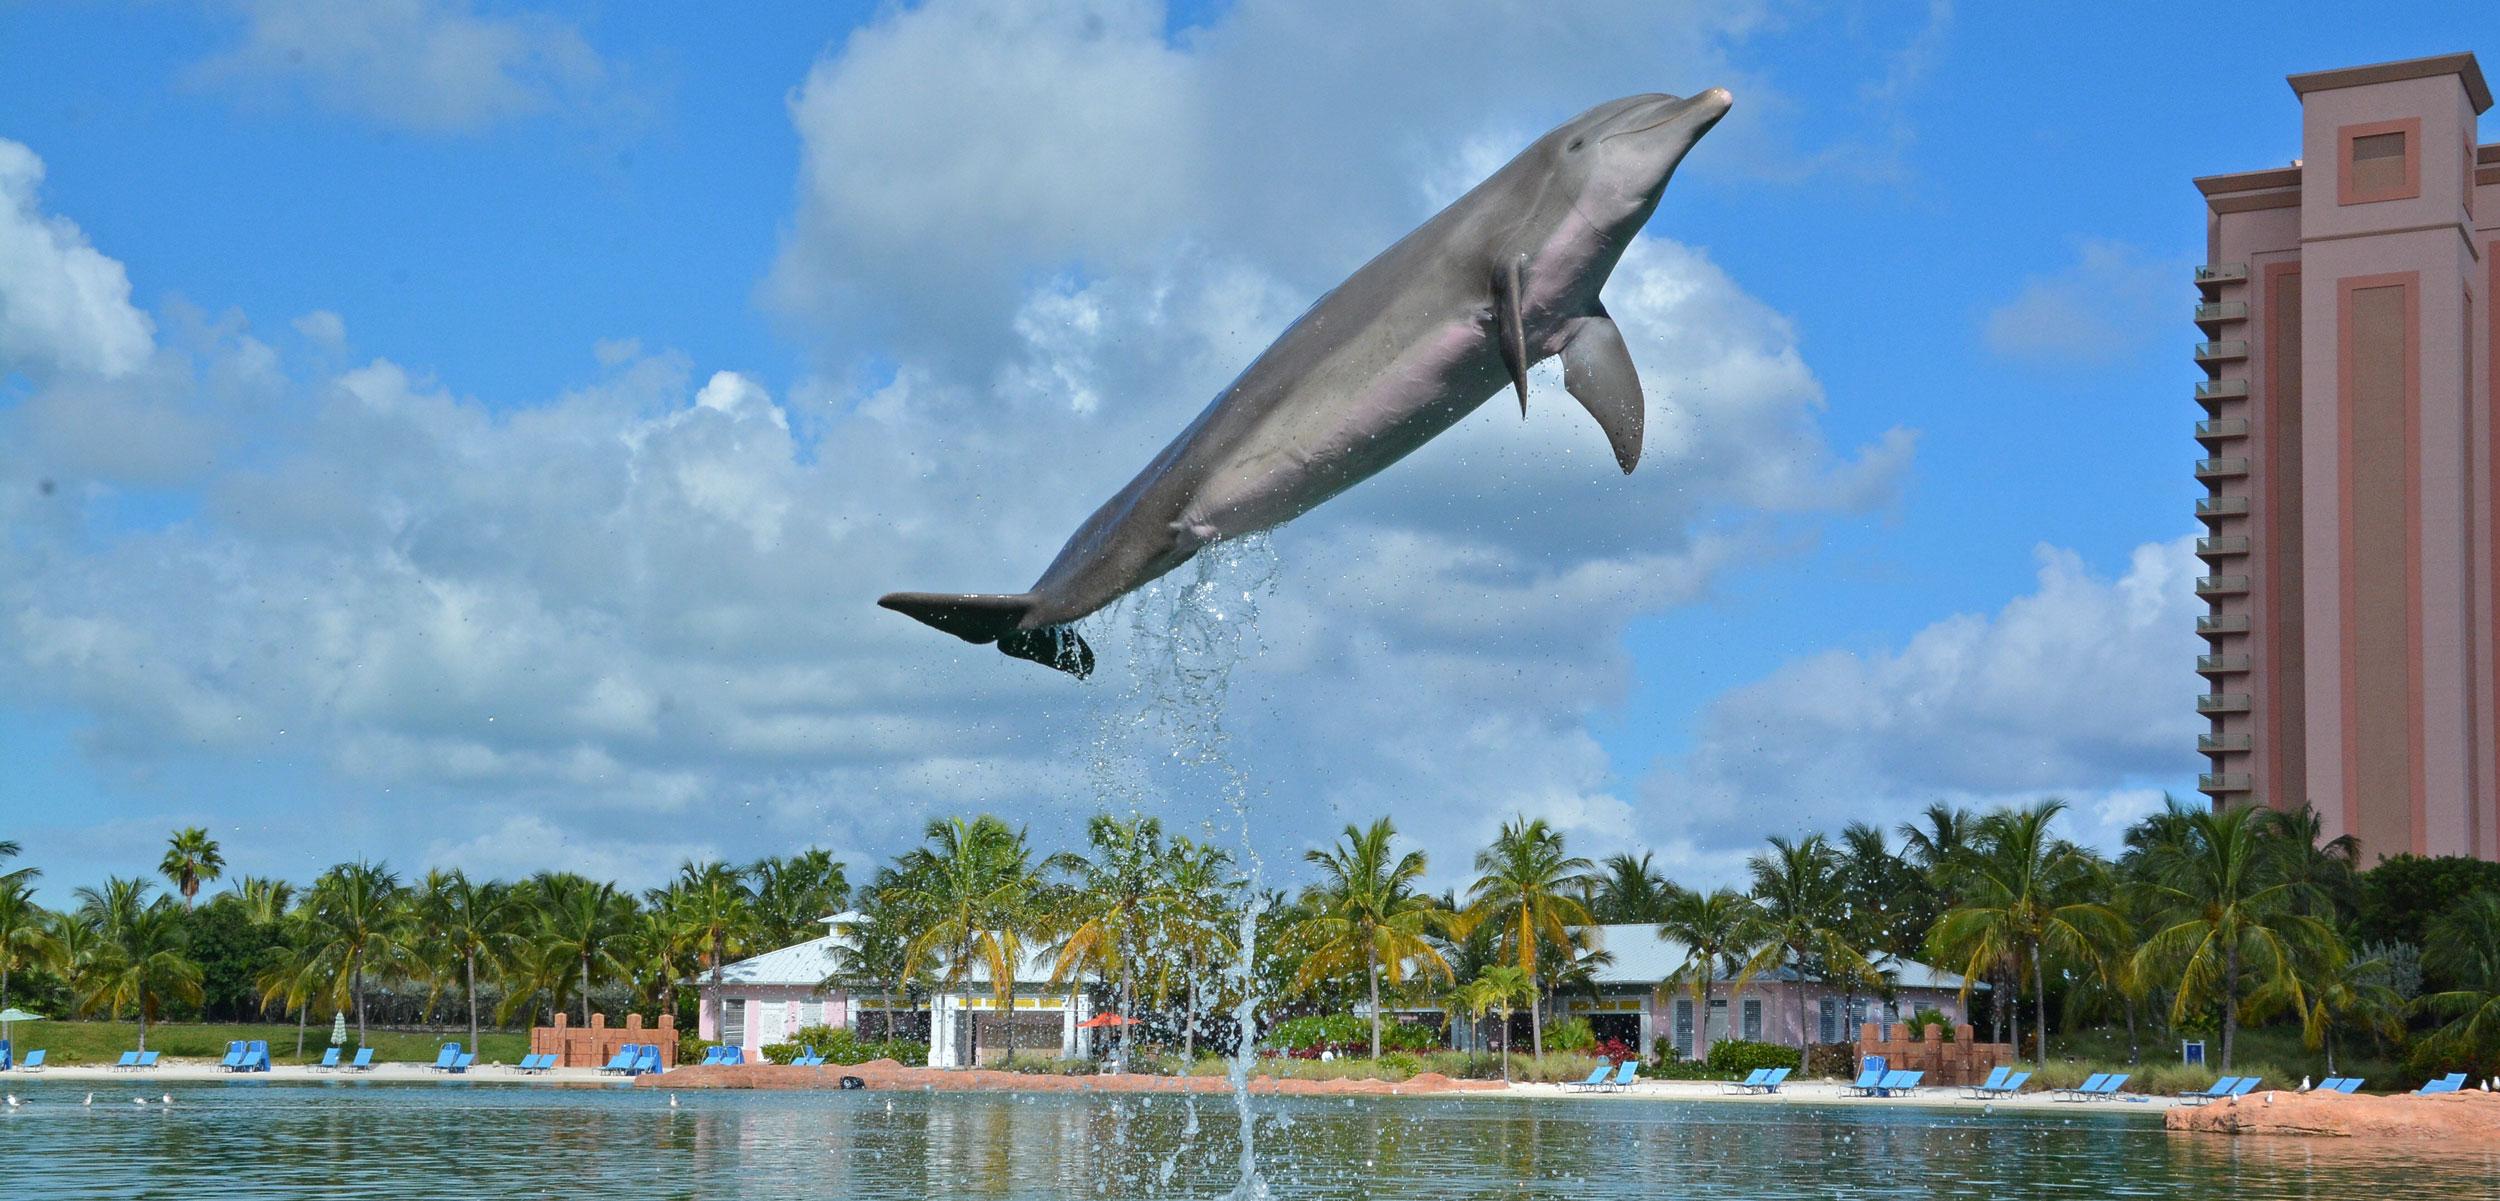 kelly the sassy dolphin